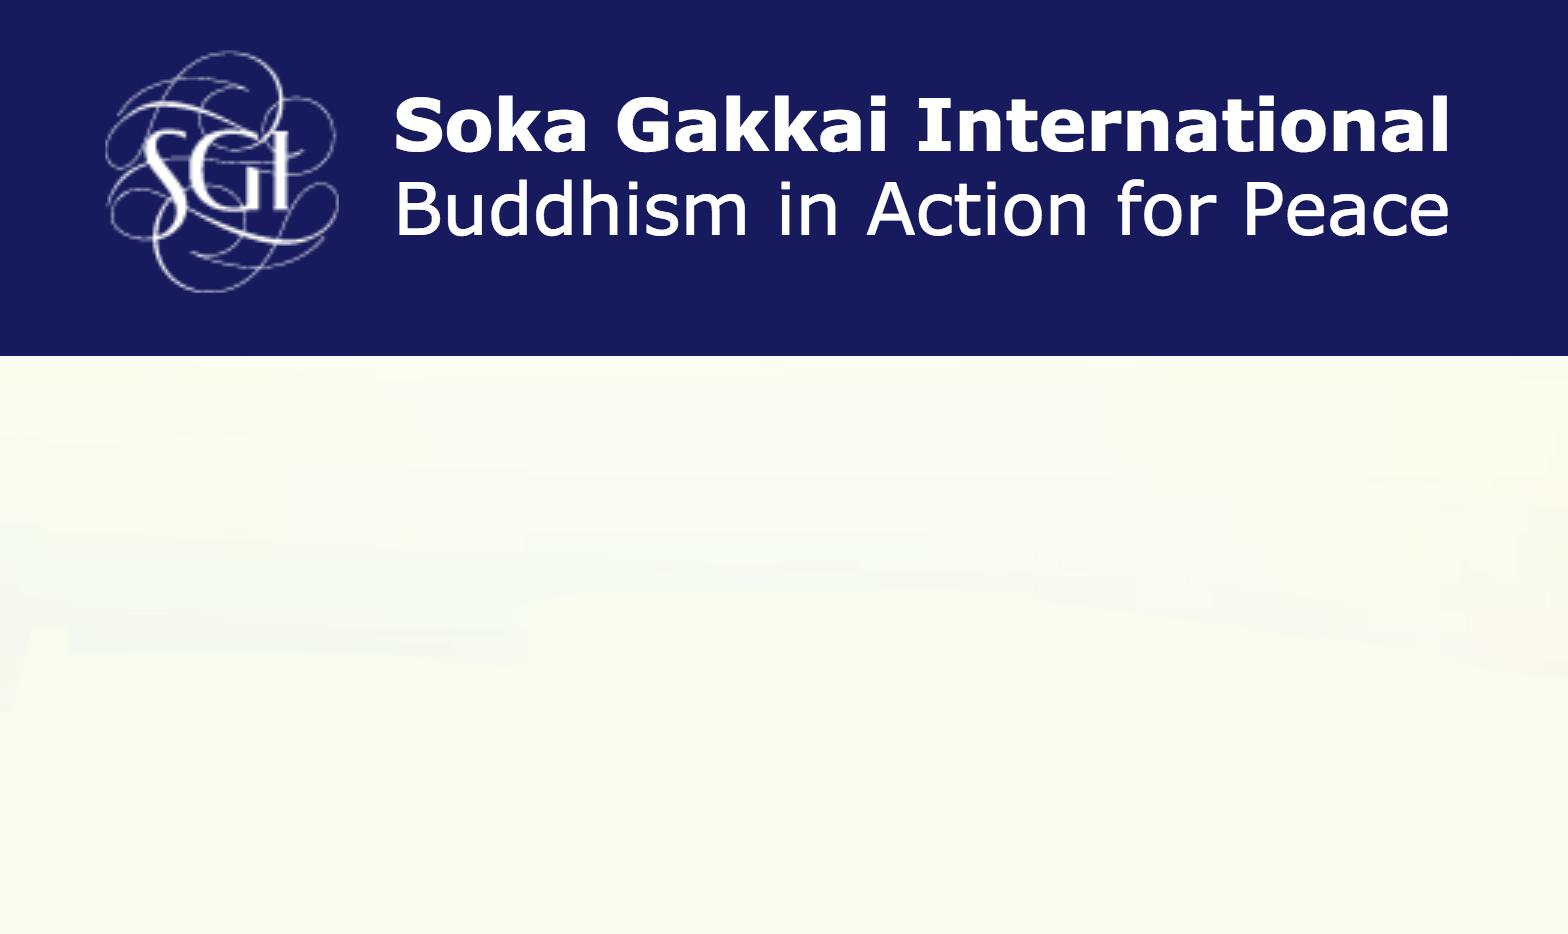 Dichiarazione pubblica della Soka Gakkai Internazionale (SGI) alla 71° Sessione dell'Assemblea Generale delle Nazioni Unite Ottobre 2016, New York